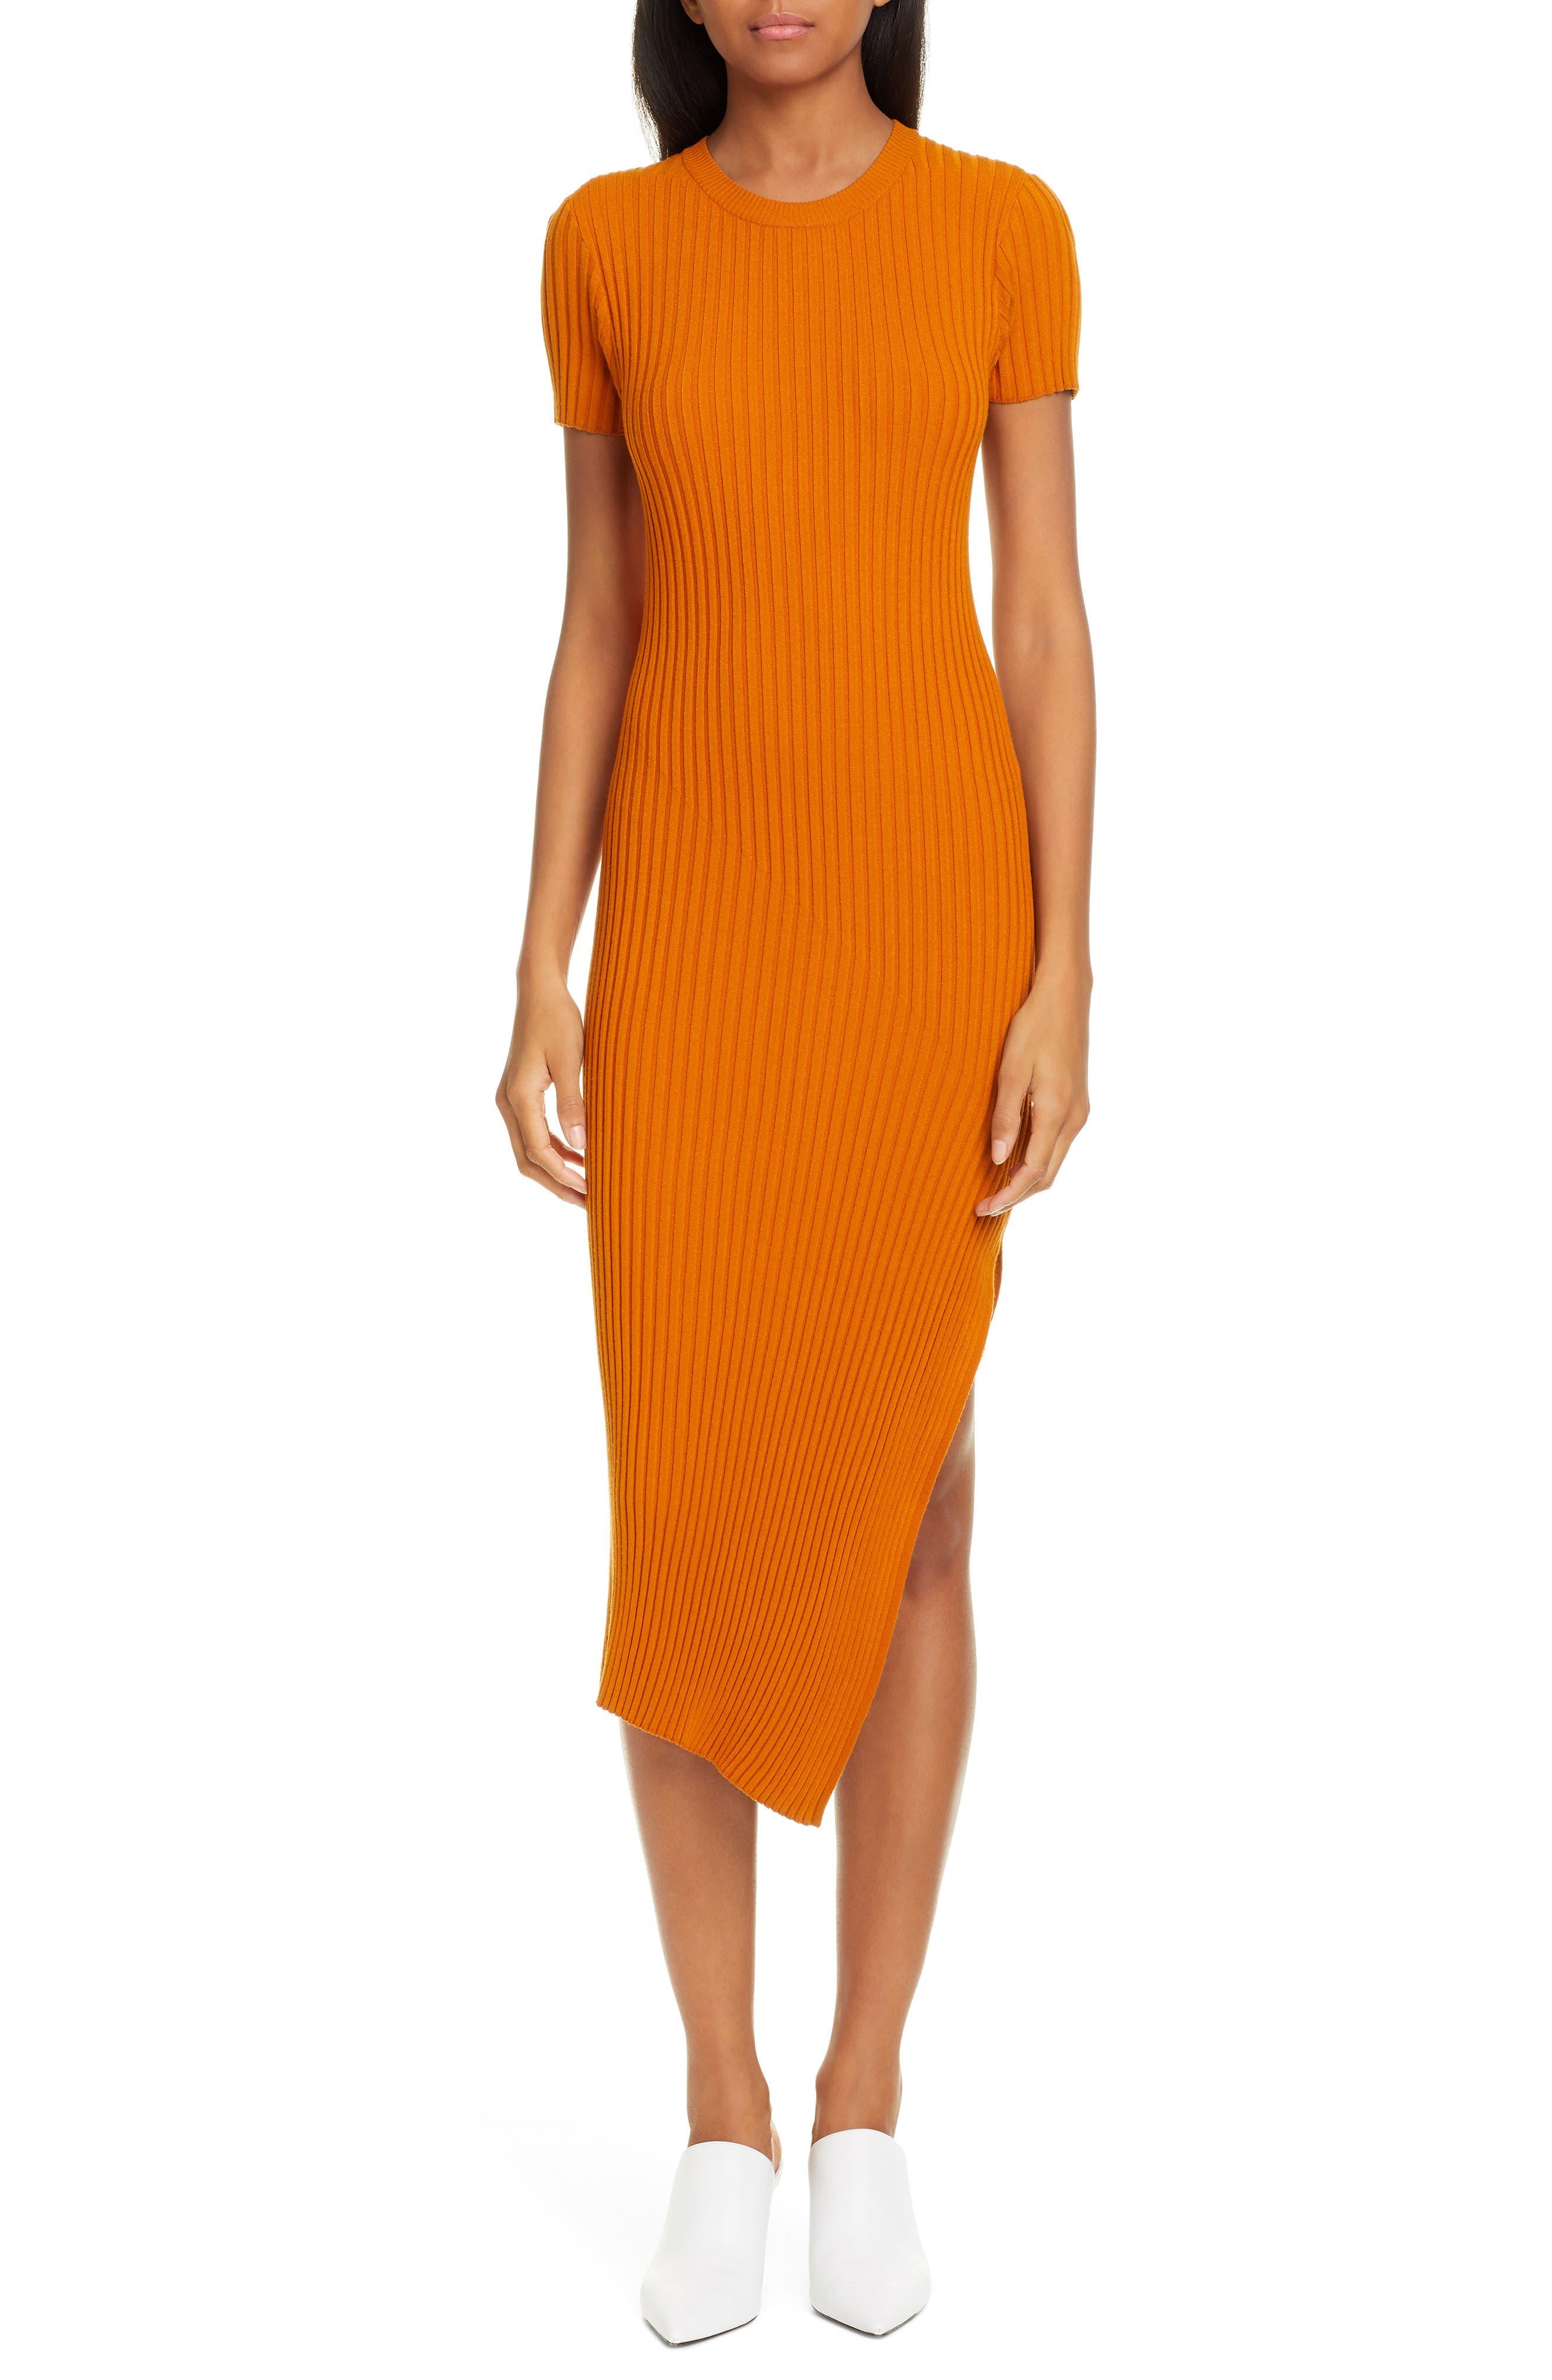 A.l.c. Minetta Rib Sweater Dress, Beige